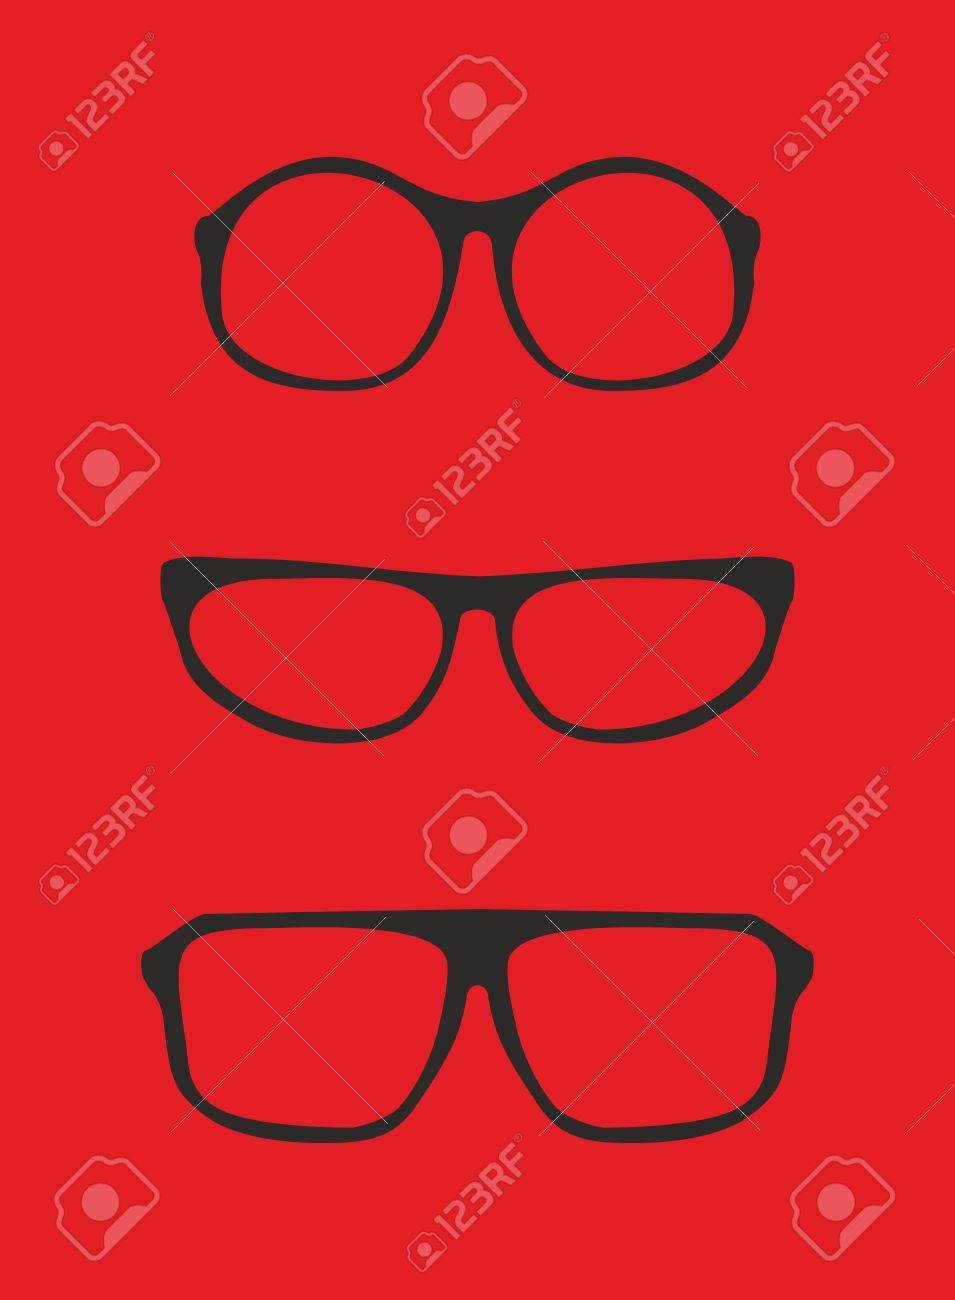 Rote Nerd Brille Für Professor Oder Sekretärin Mit Dicken Halter ...